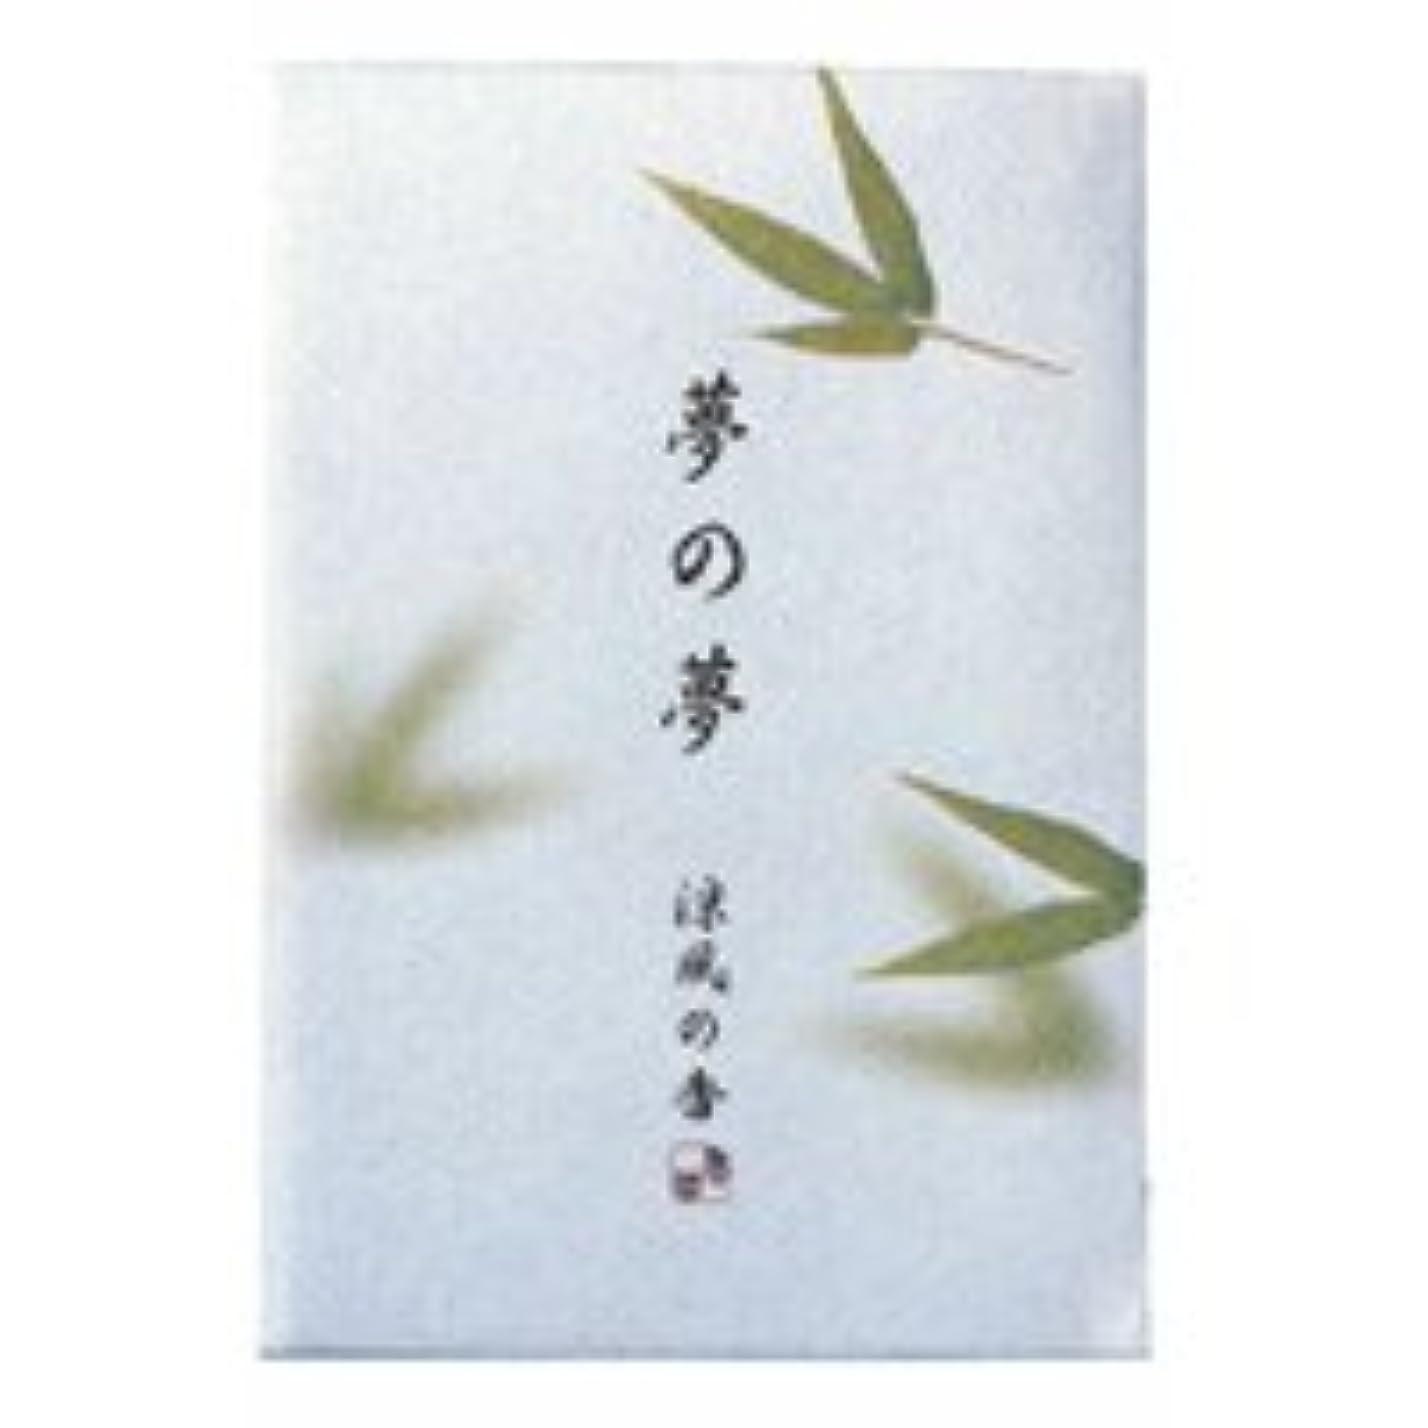 助けて若いメールを書く日本香堂 夢の夢 涼風の香(すずかぜ) お香 スティック 12本